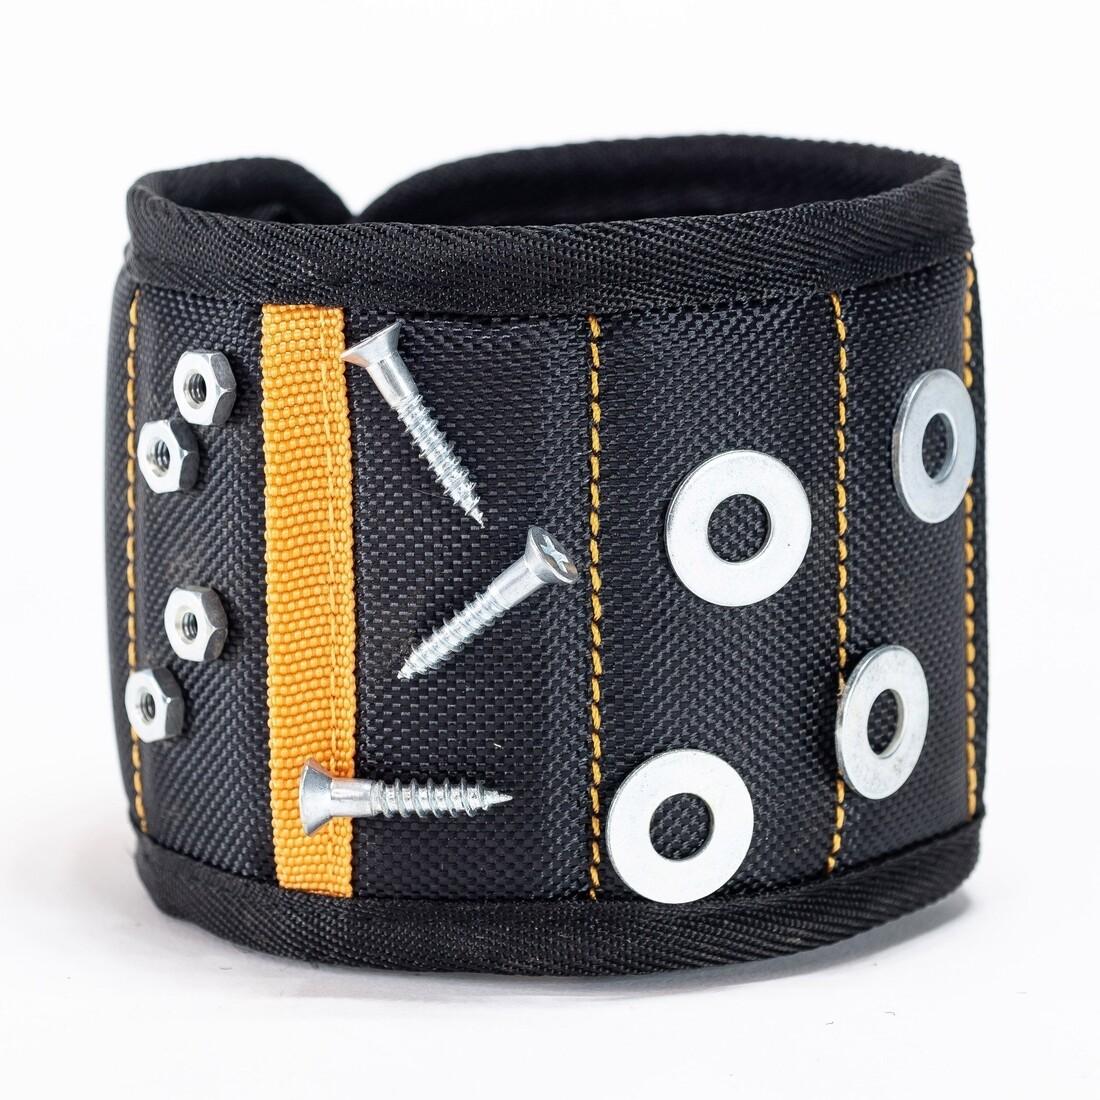 Madnetic Wristband